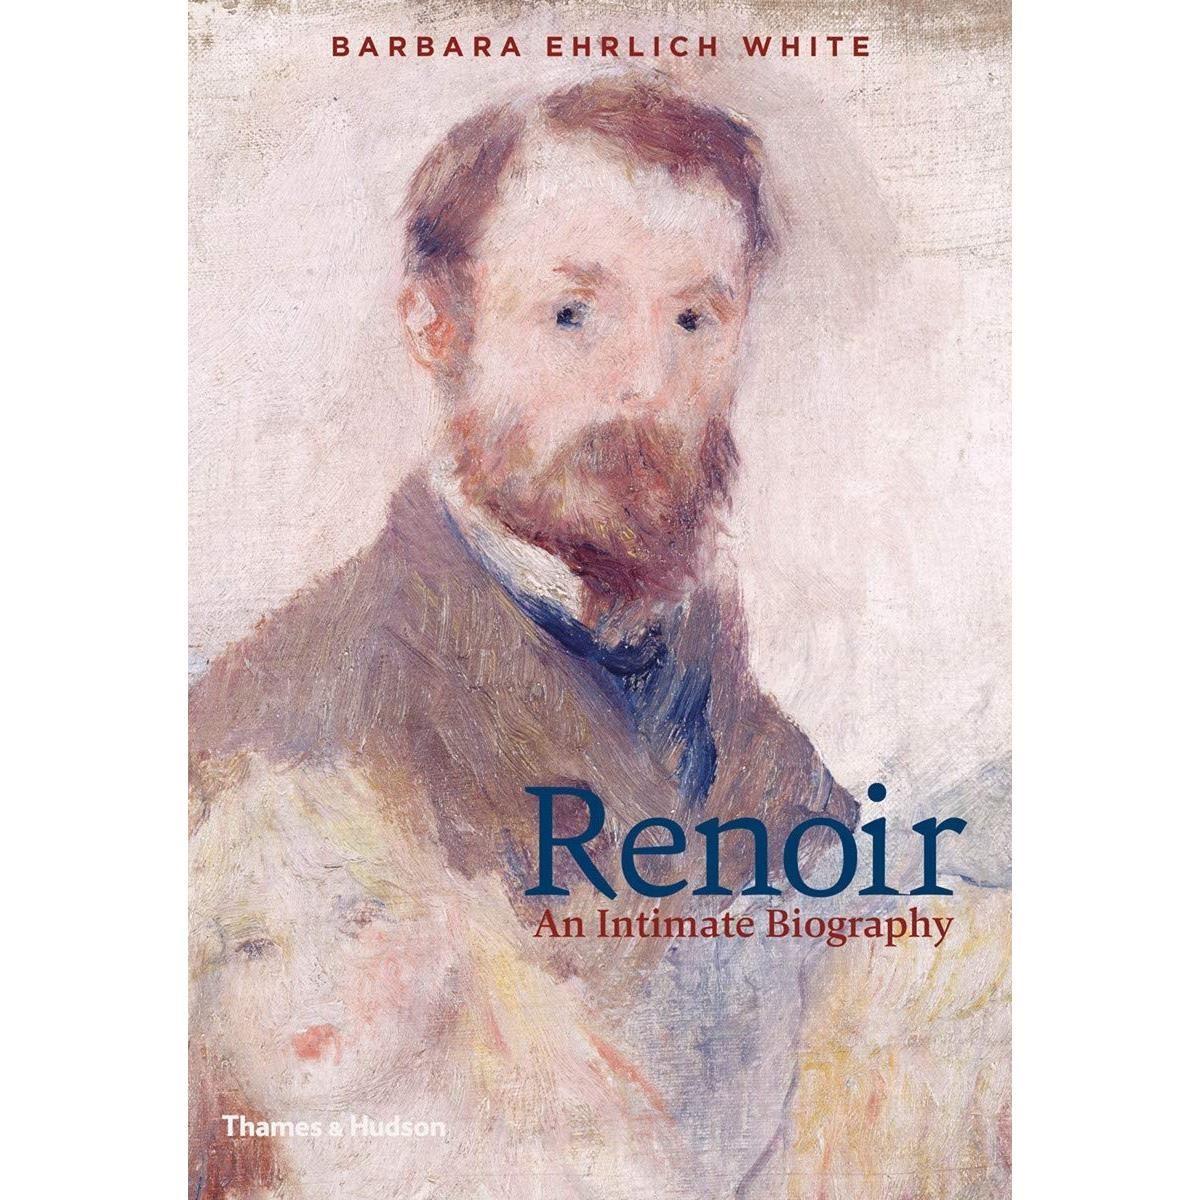 Renoir: An Intimate Biography imagine